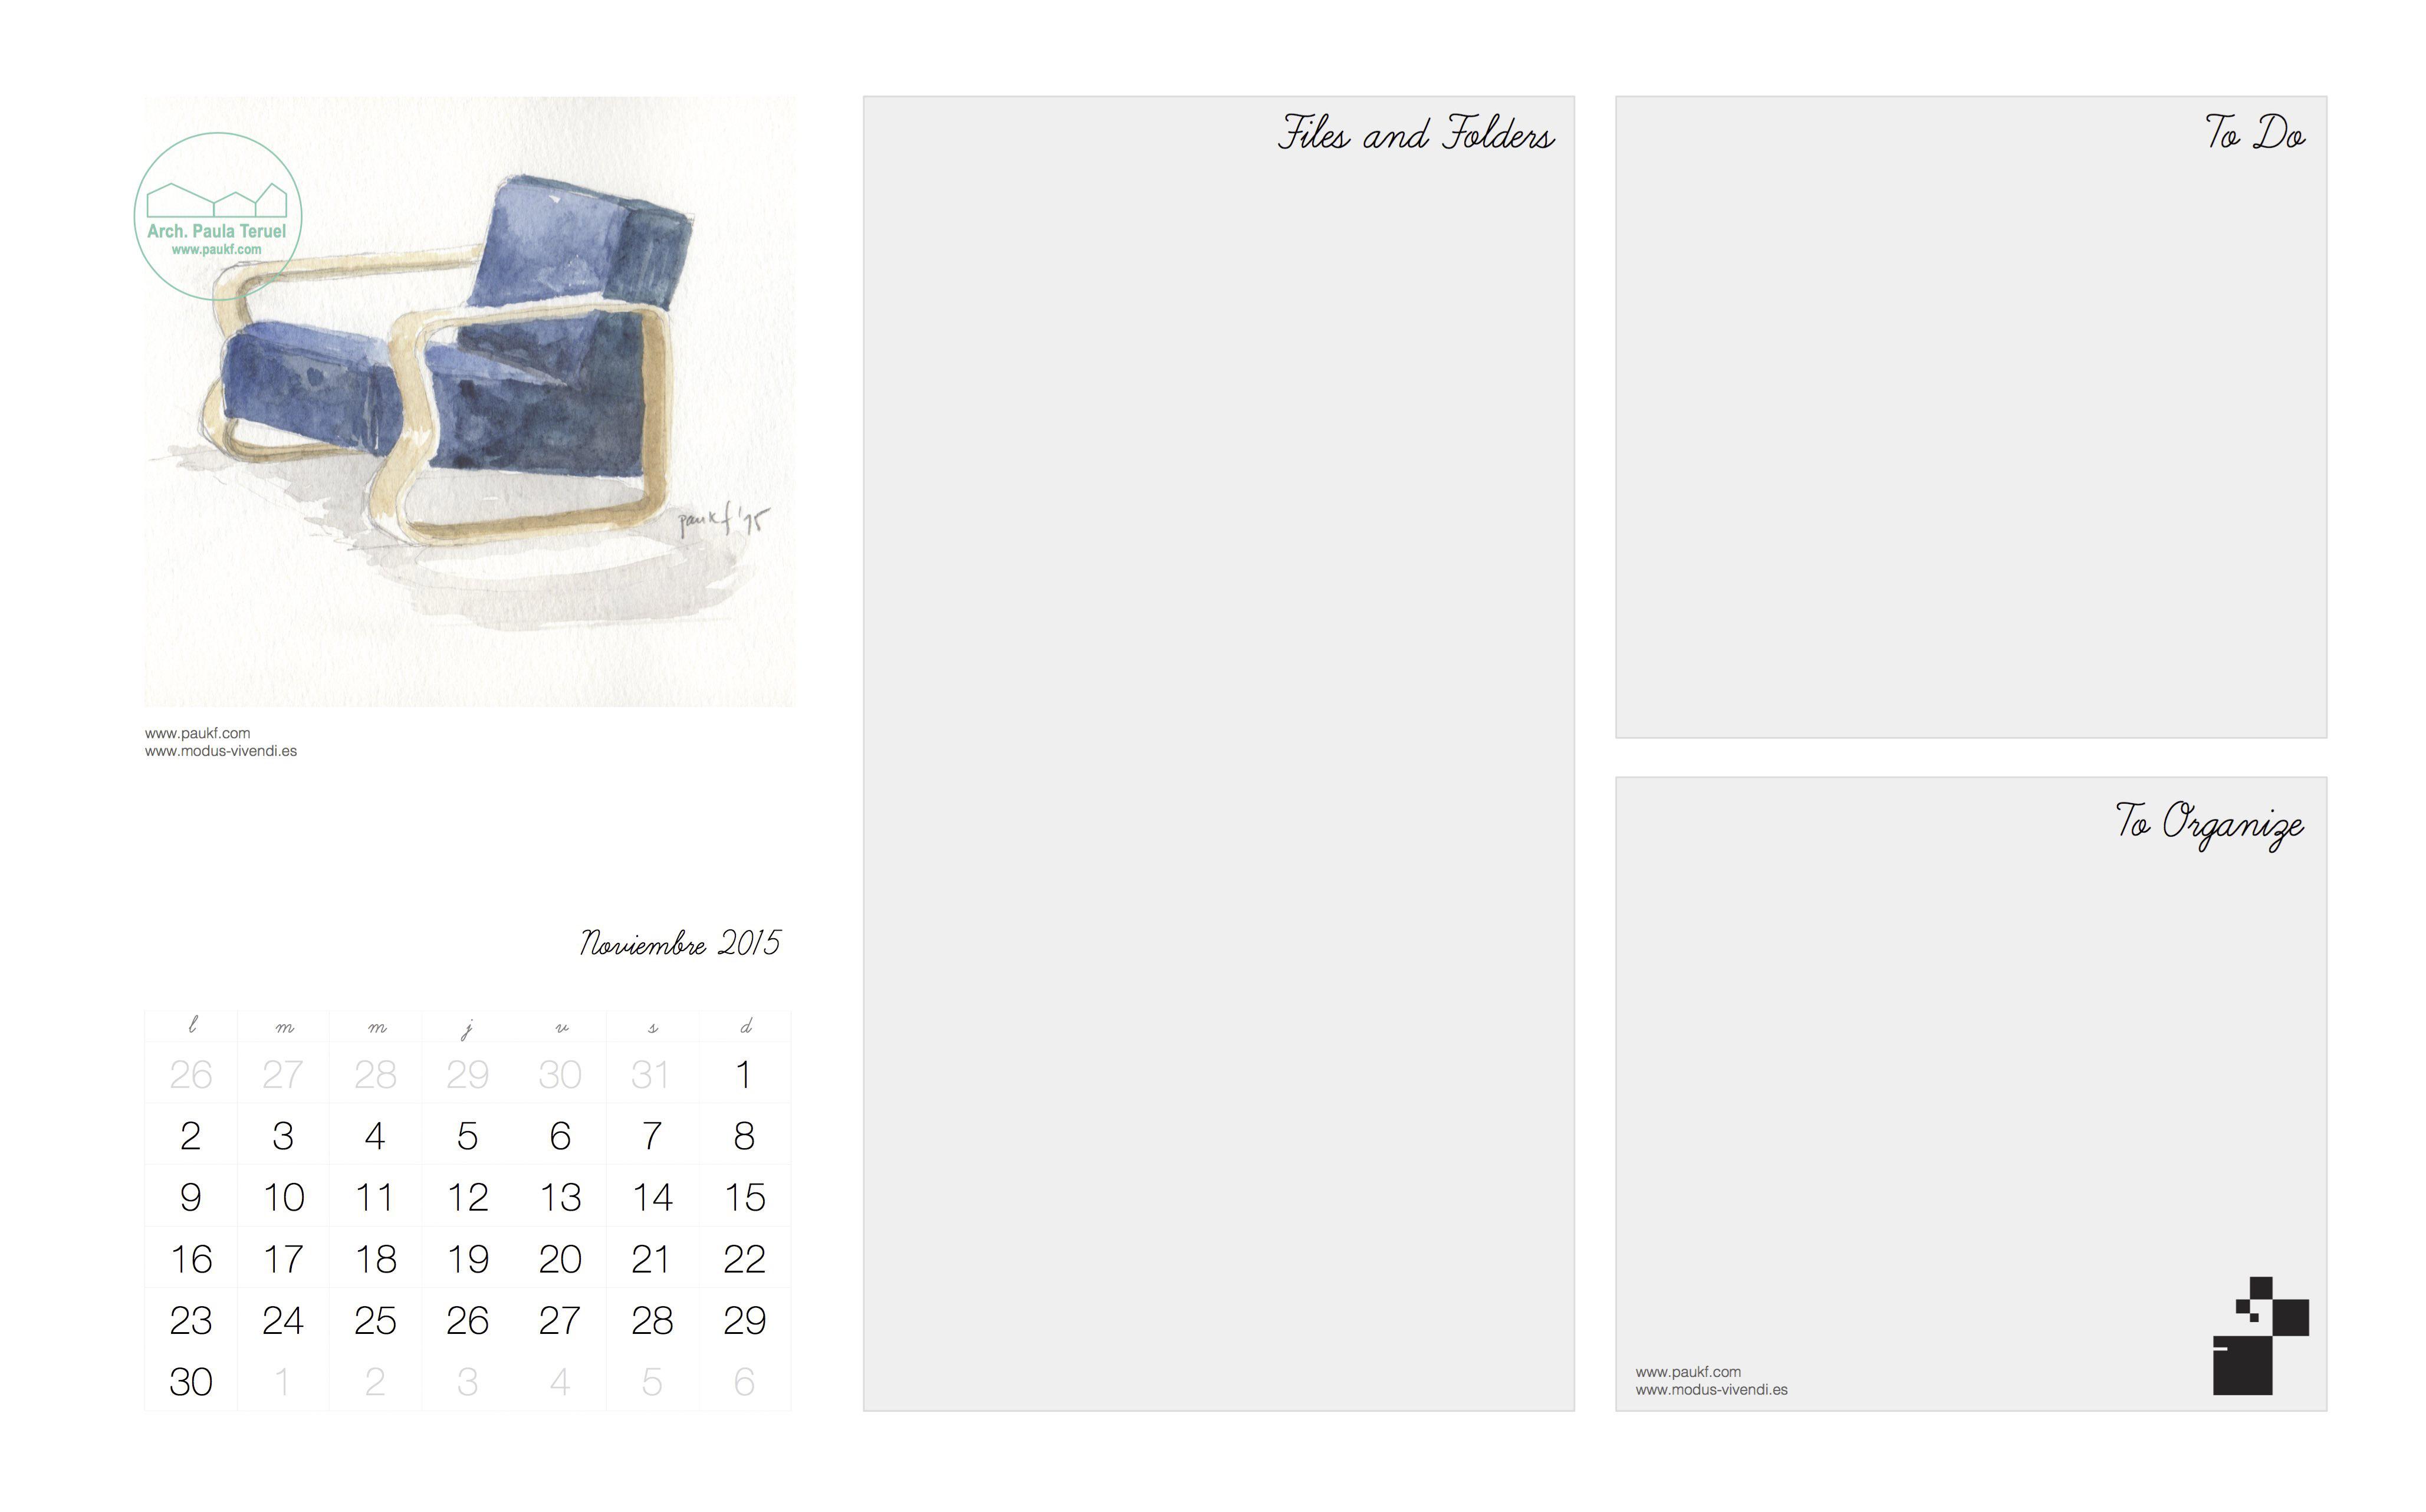 November calendar Noviembre Calendario acuarela paukf watercolor modus vivendi arquitectura Alvar Aalto architecture design armchair sillon